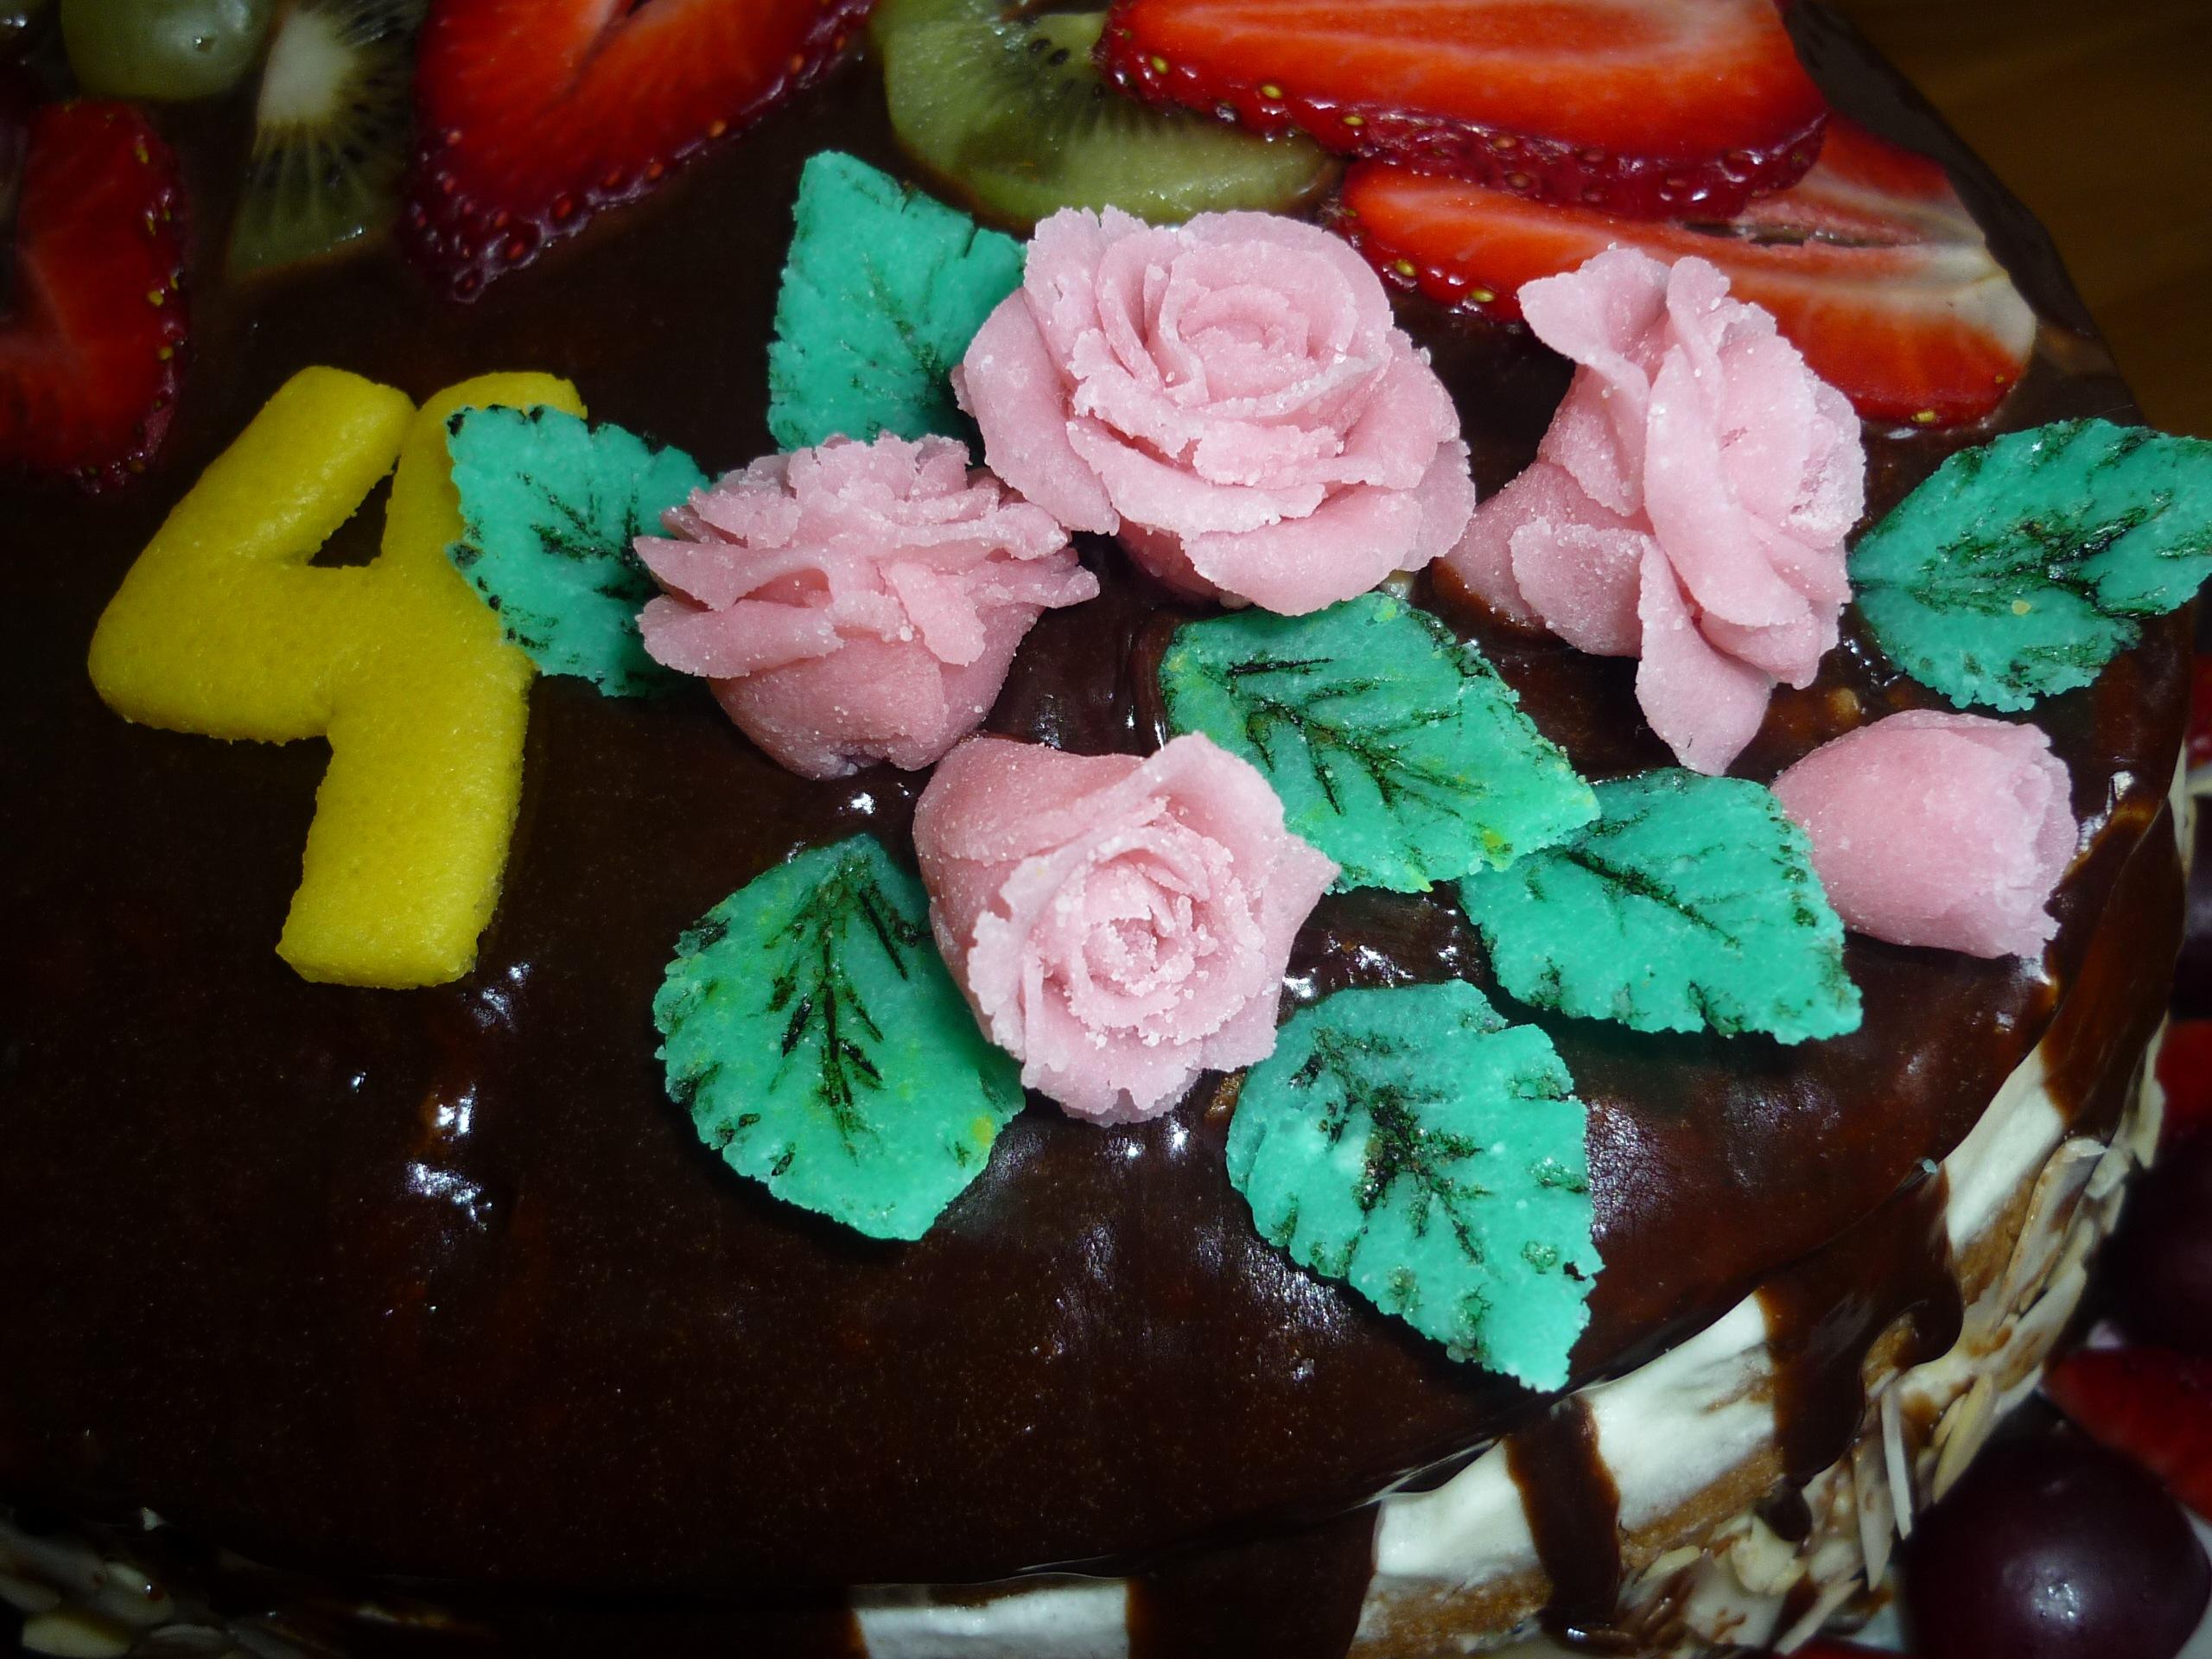 'Правильный торт' сказали дети уплетая за обе щеки. Блиц: торт